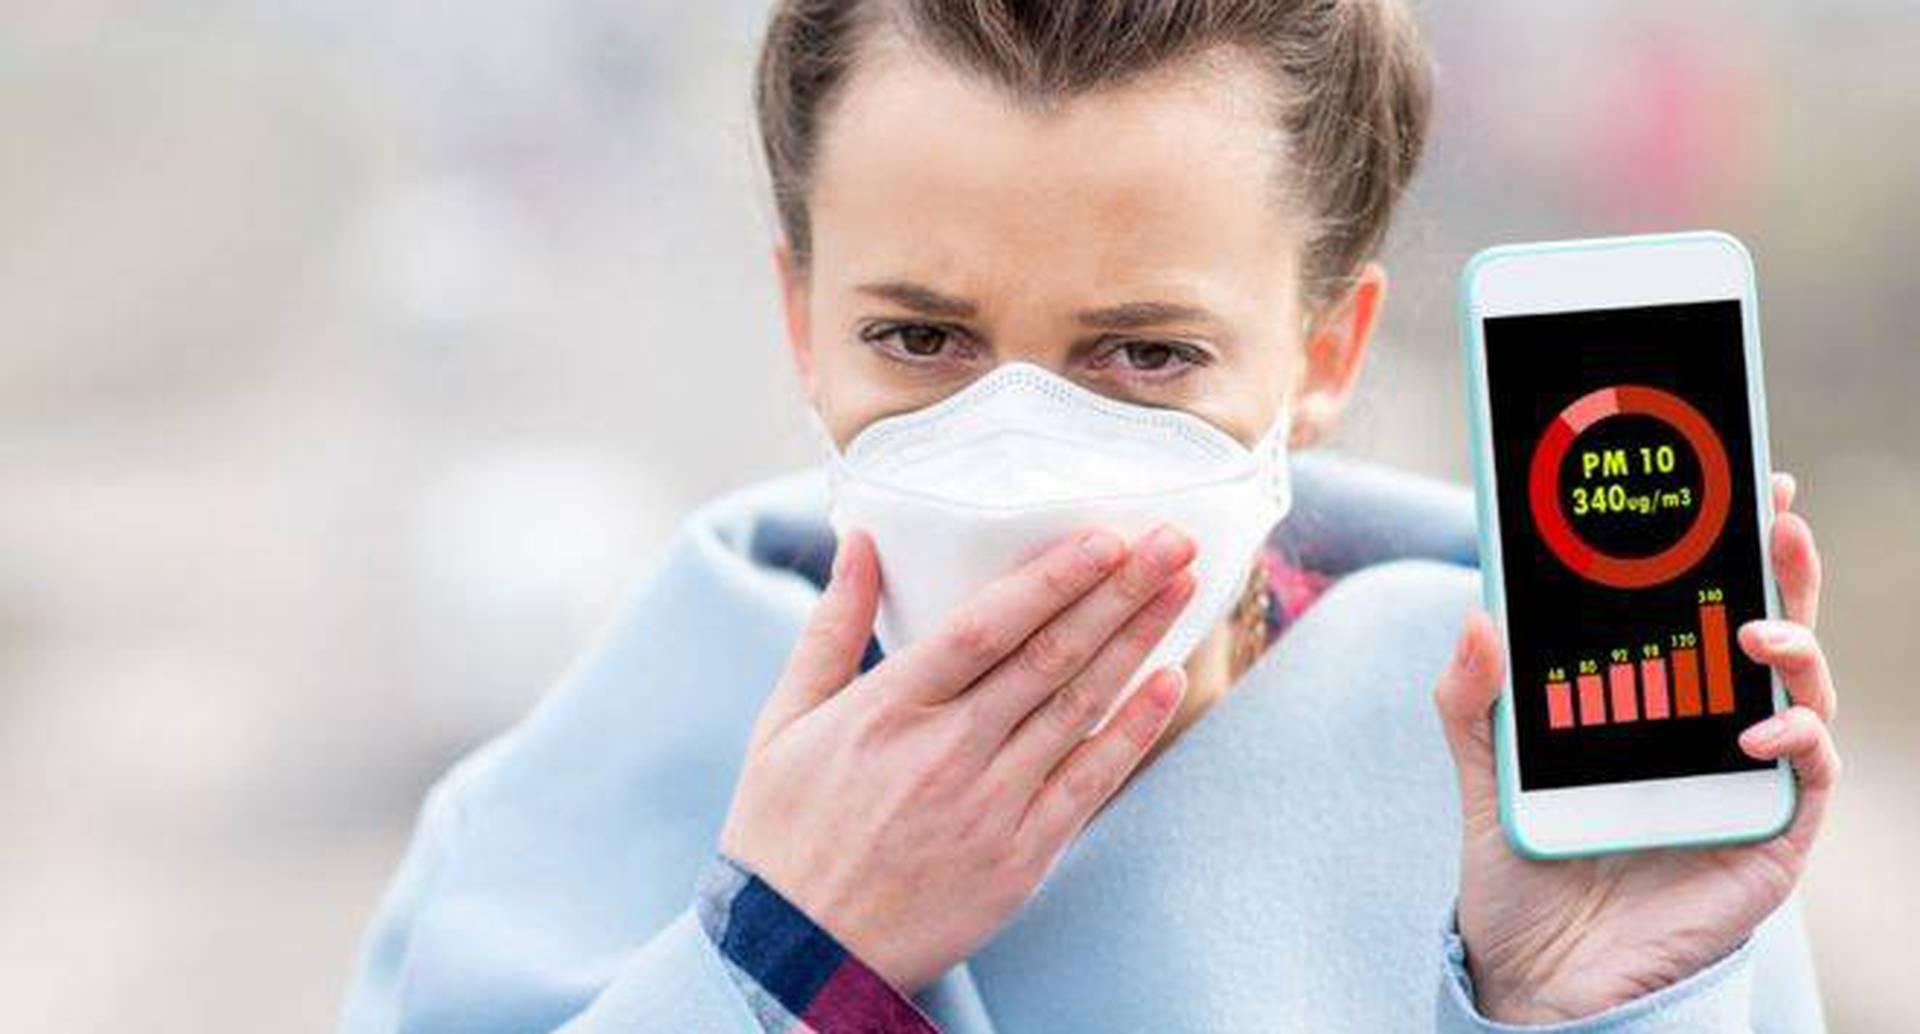 Nueve de cada 10 personas respira aire contaminado, de acuerdo a la Organización Mundial de la Salud. Foto: Getty Images